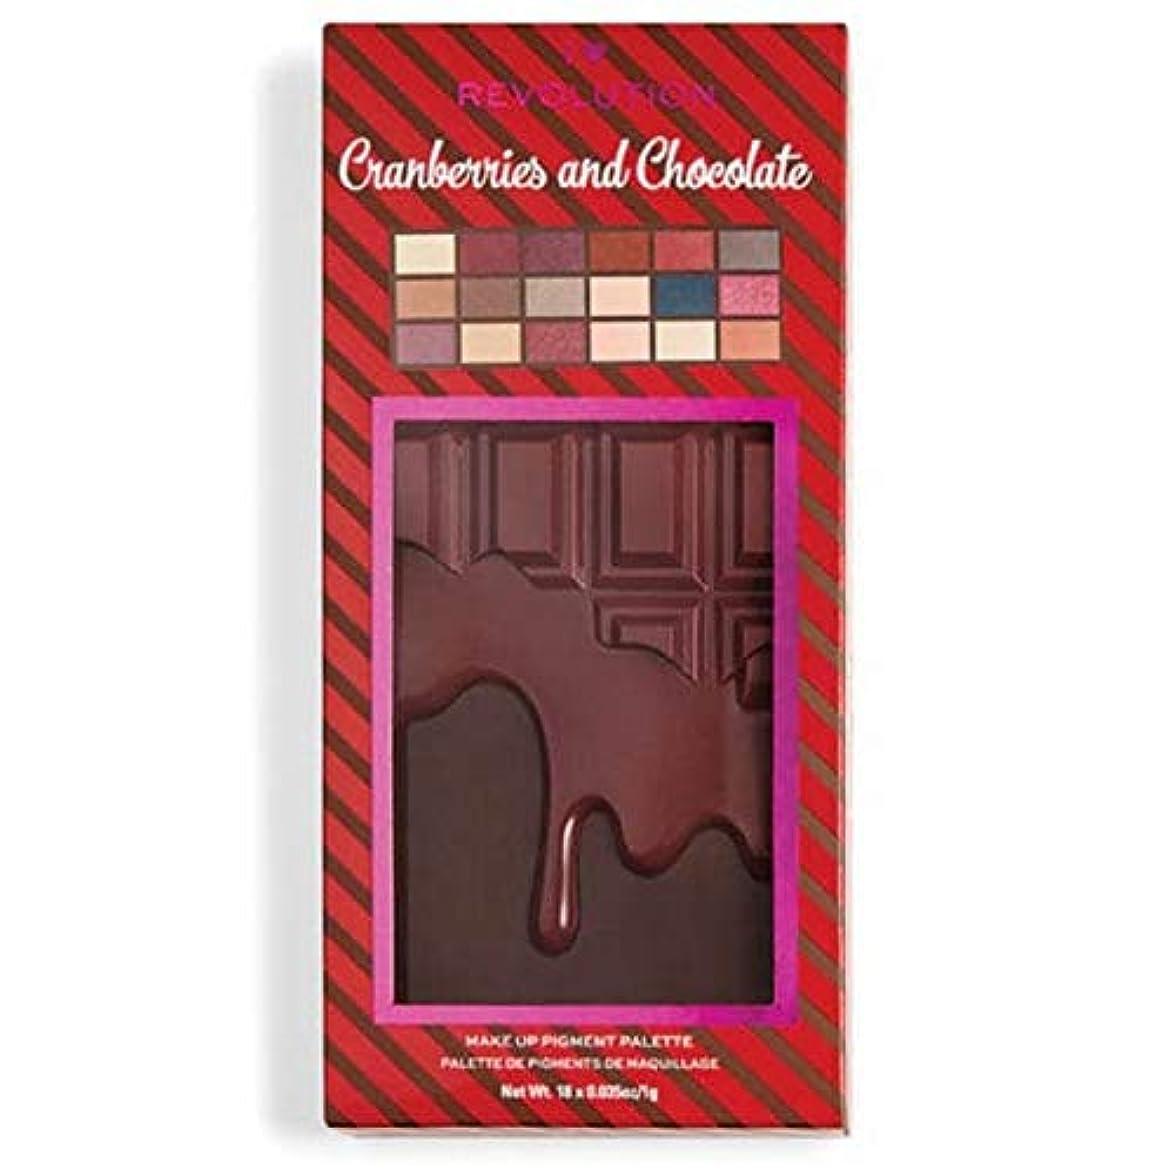 正確章キッチン[I Heart Revolution ] 私の心の革命クランベリー&チョコレートパレット - I Heart Revolution Cranberries & Chocolate Palette [並行輸入品]